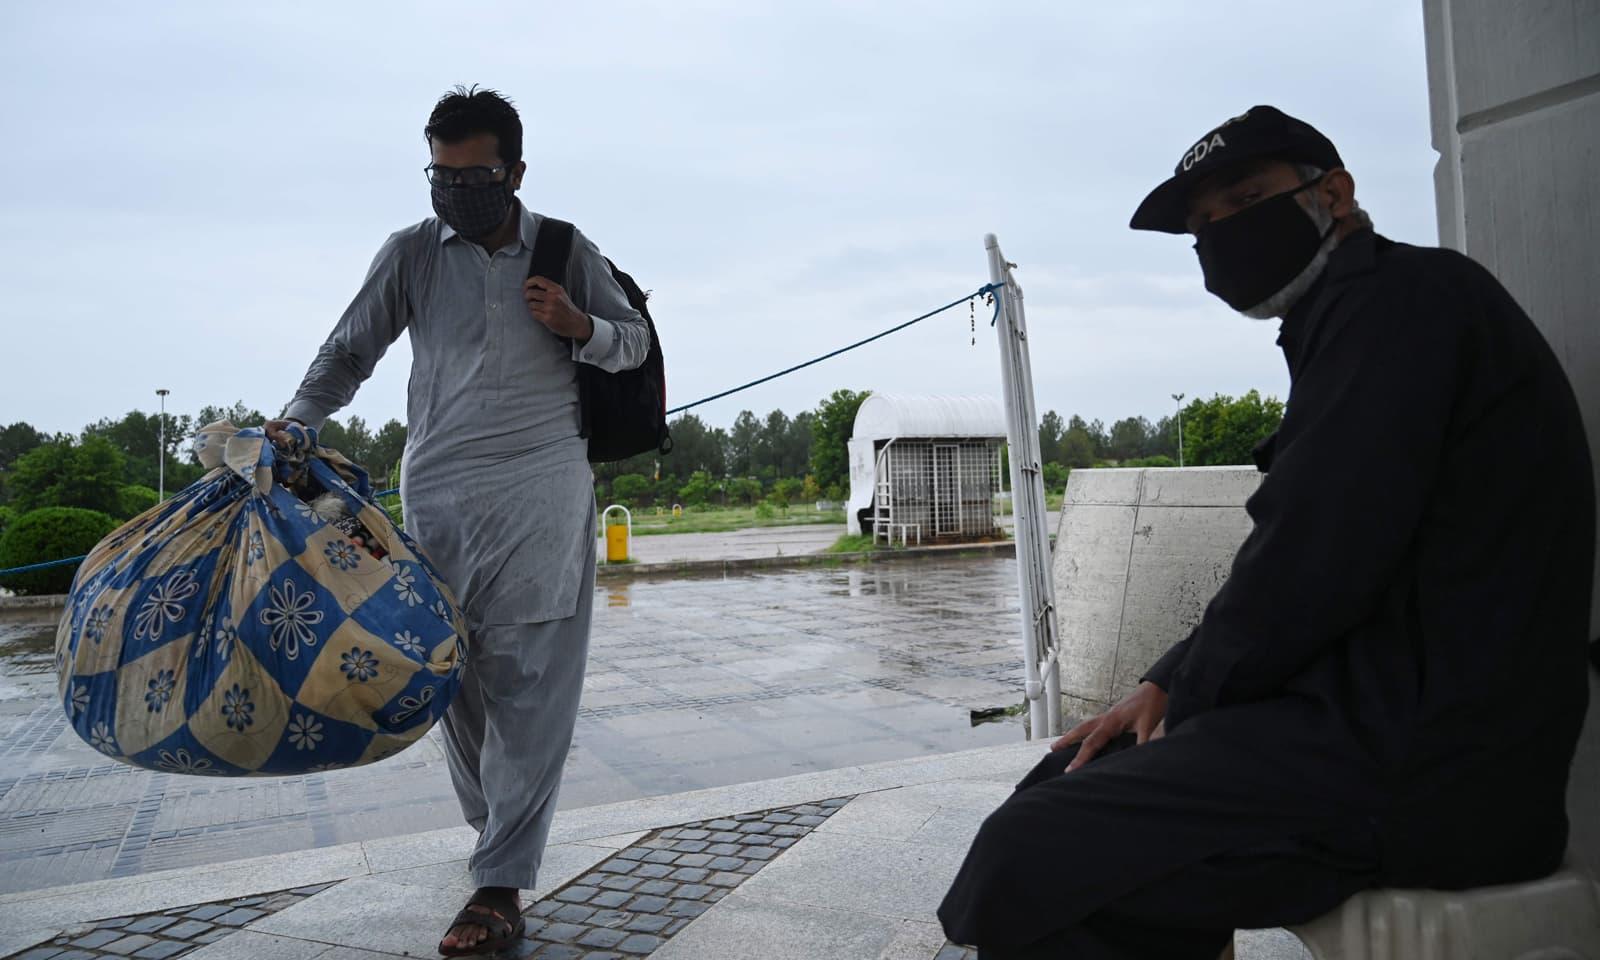 ایک نمازی اپنا سامان اٹھائے اعتکاف کے لیے مسجد میں آرہا ہے— فوٹو: اے ایف پی